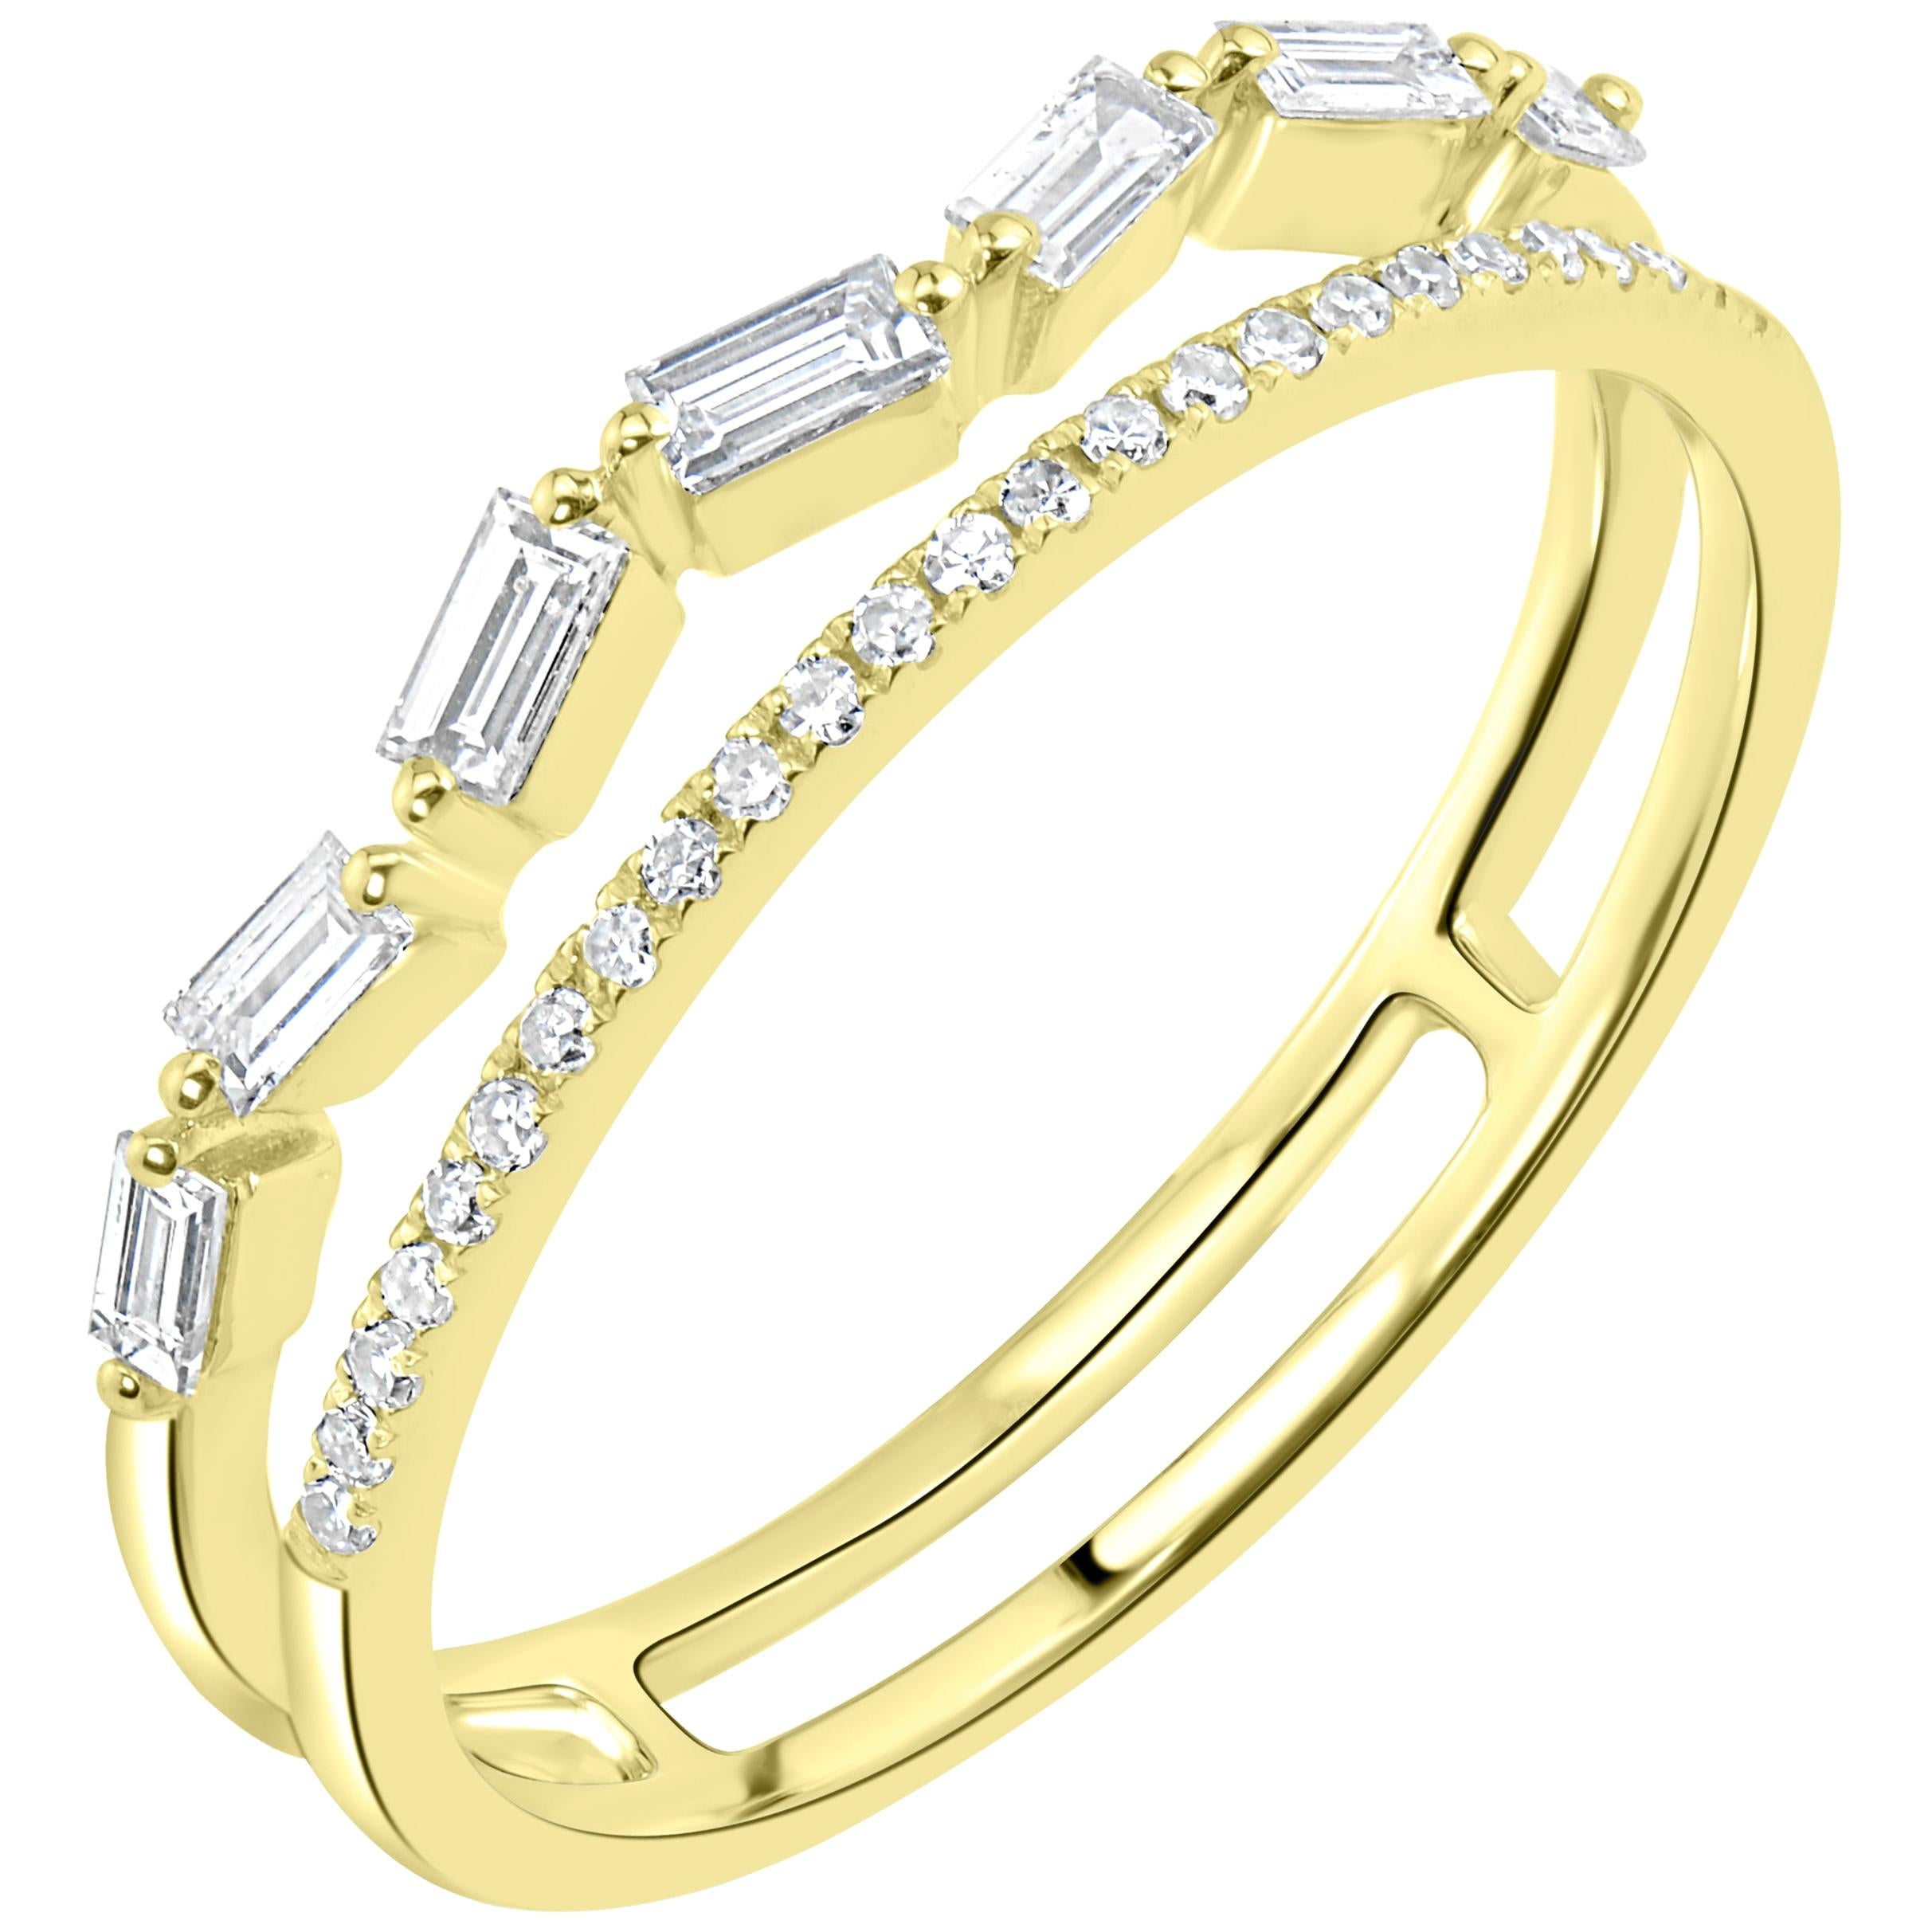 18 Karat Yellow Gold Baguette Diamond Band Ring